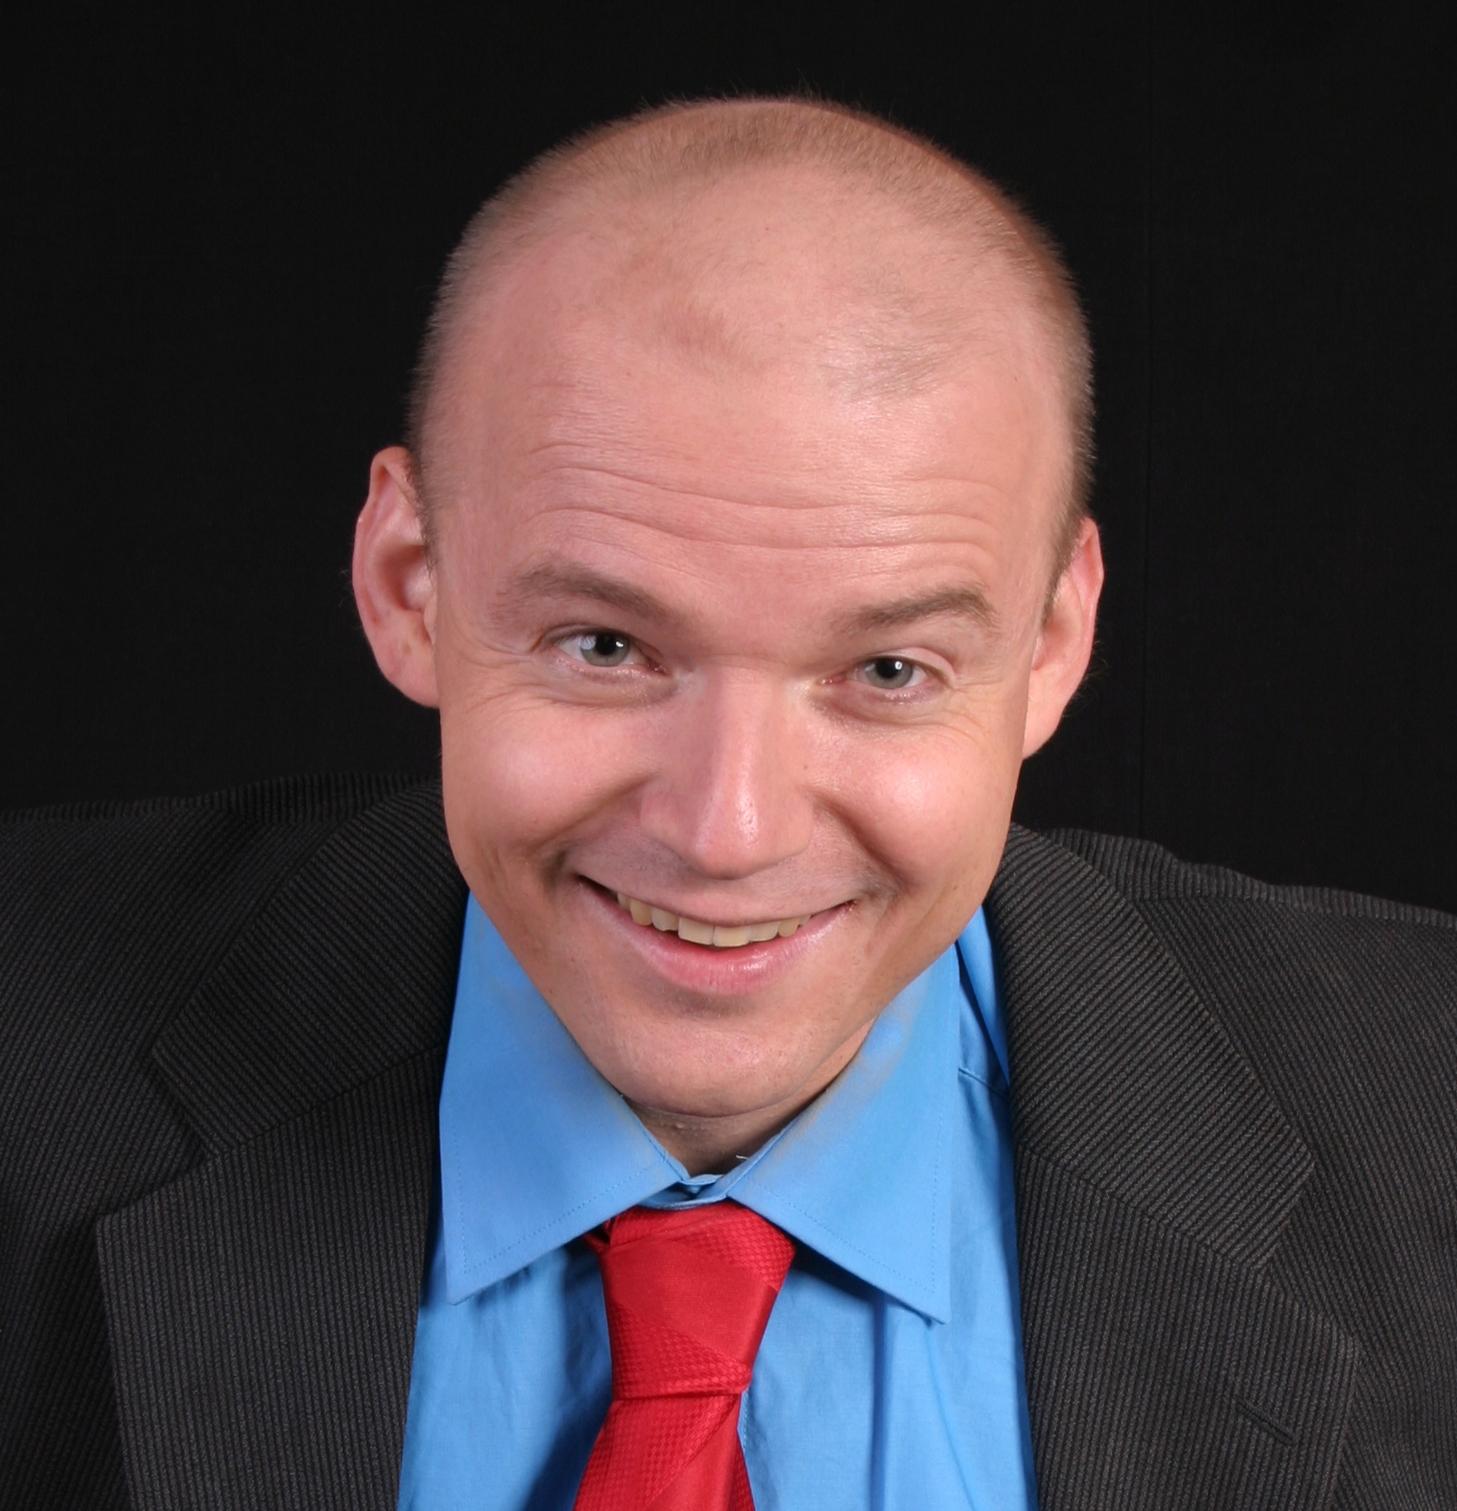 Comedian Armin Nagel